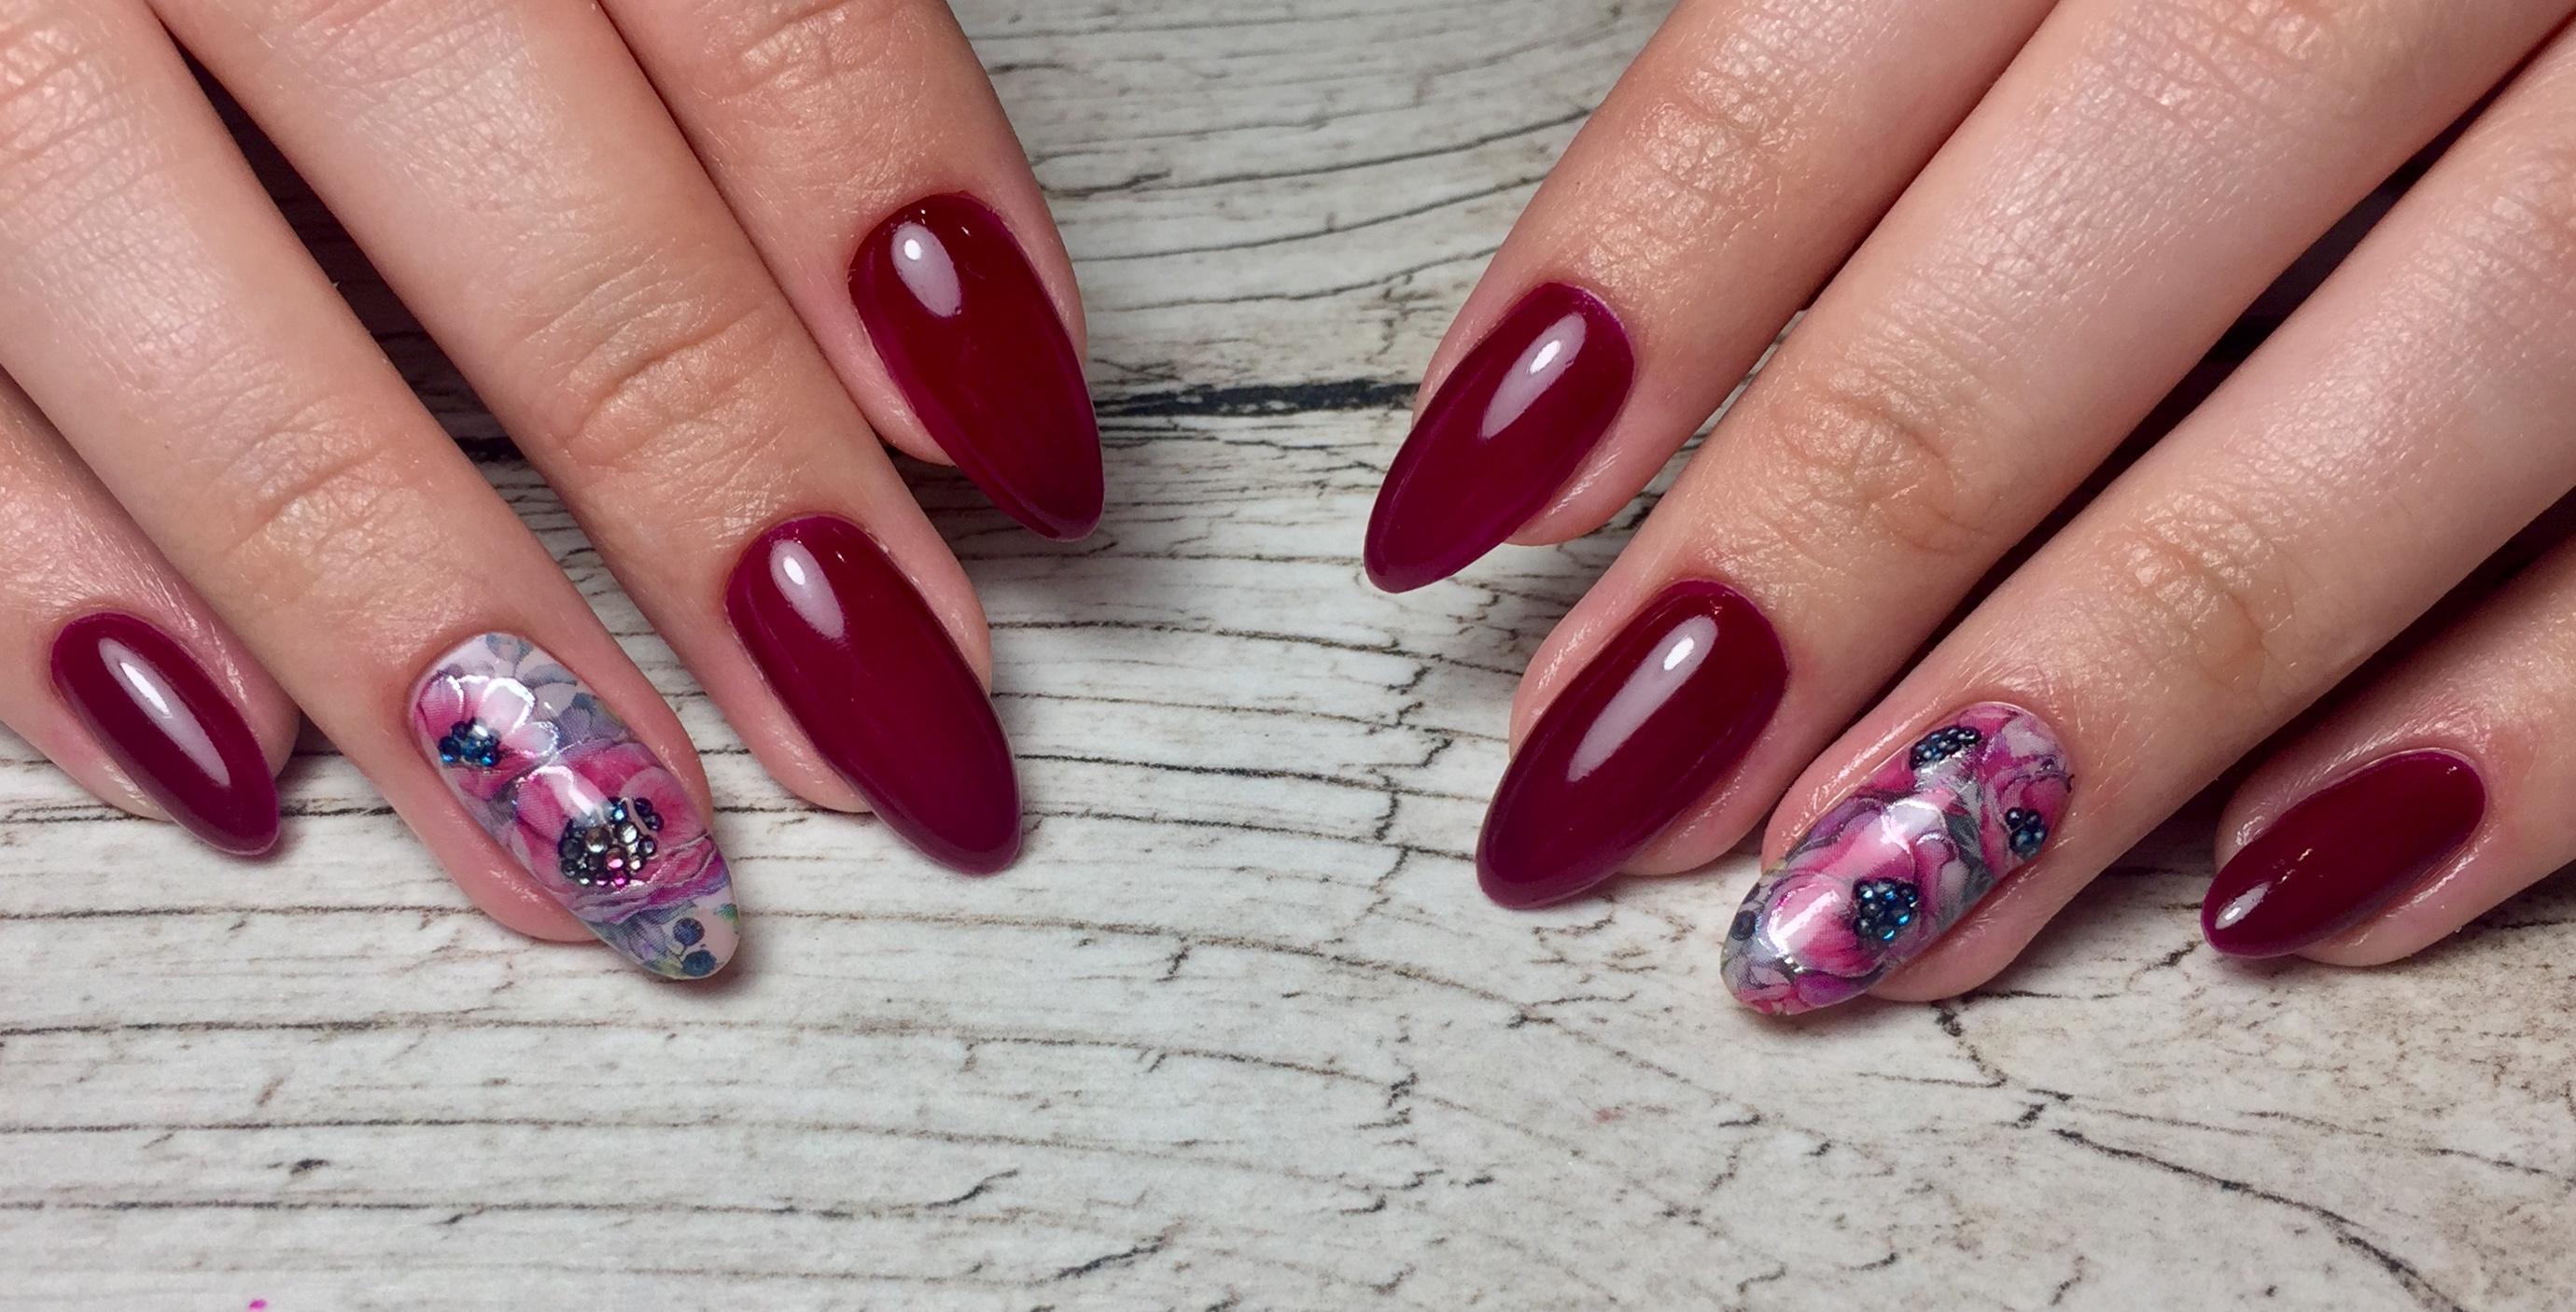 Маникюр с цветочными слайдерами в темно-красном цвете.